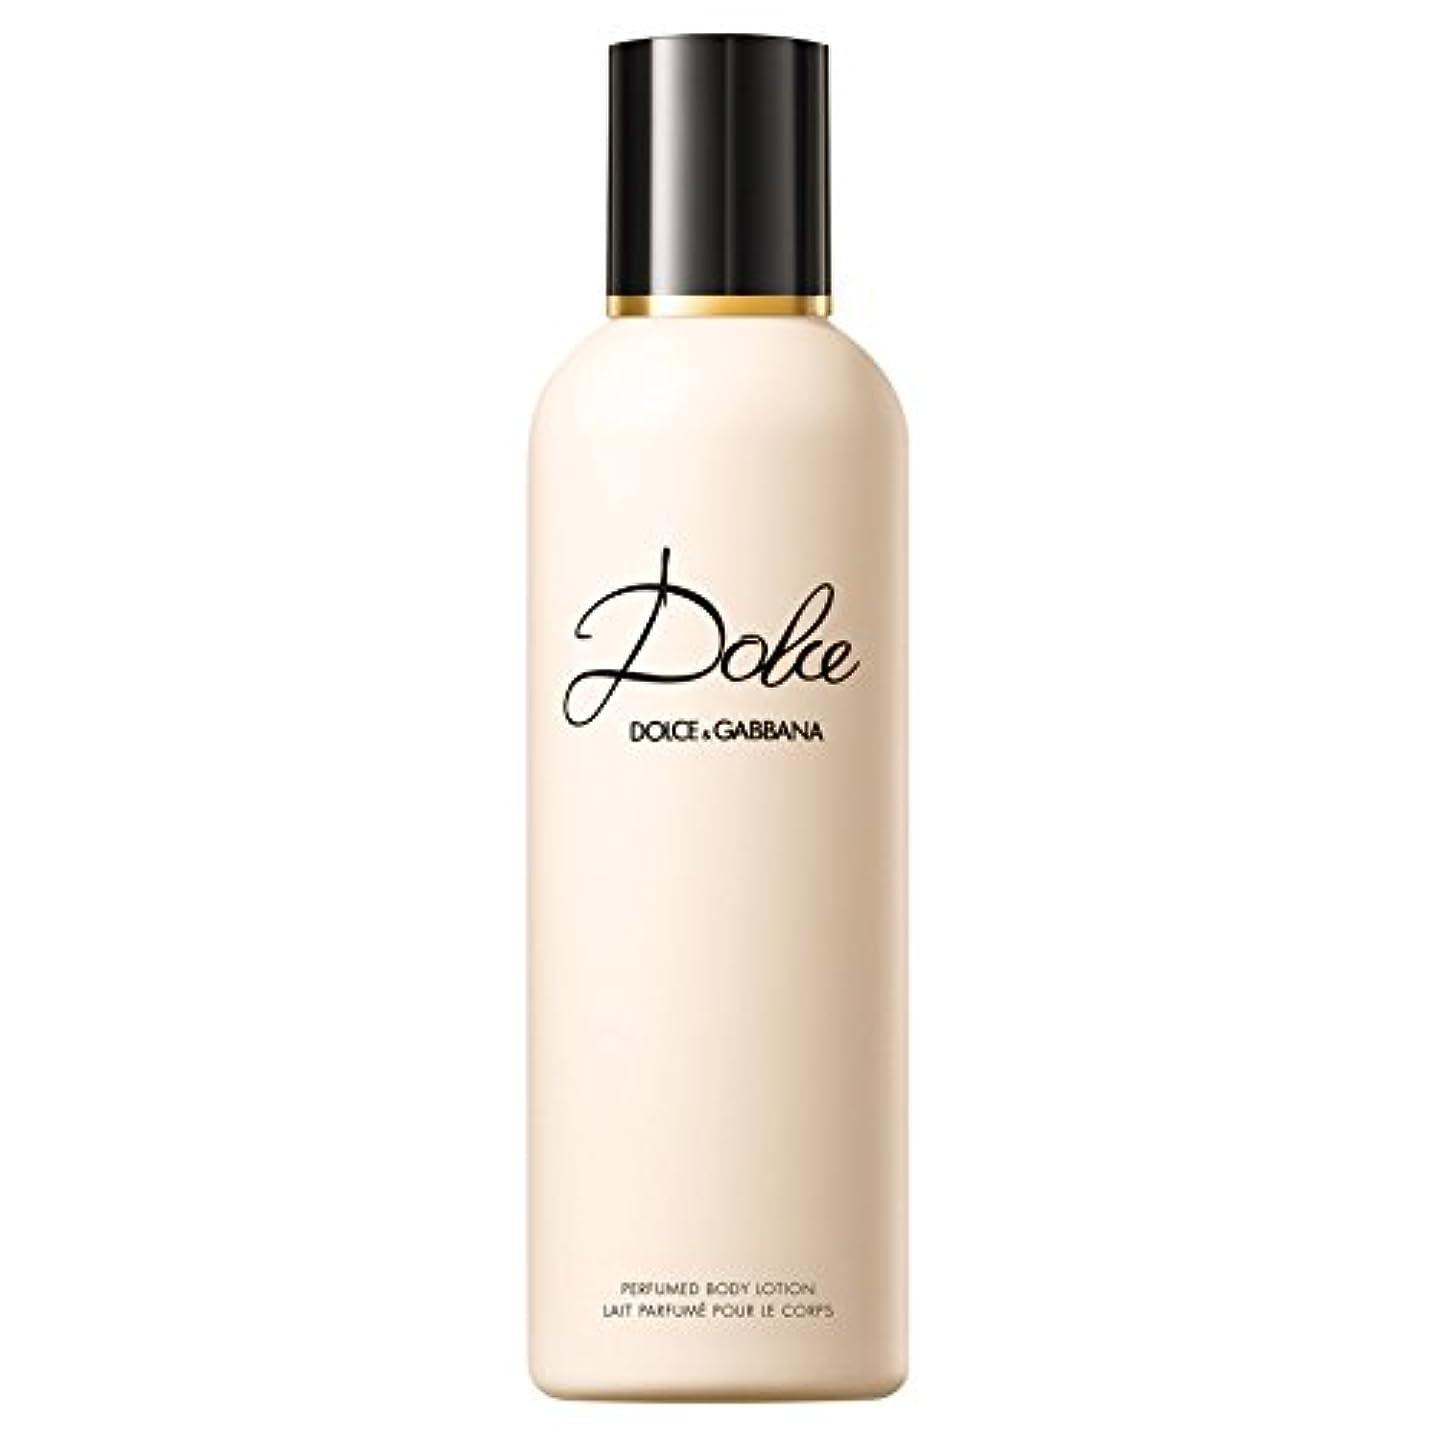 口径おもしろい寝てるドルチェ&ガッバーナドルチェのボディローション200ミリリットル (Dolce & Gabbana) (x6) - Dolce & Gabbana Dolce Body Lotion 200ml (Pack of 6)...